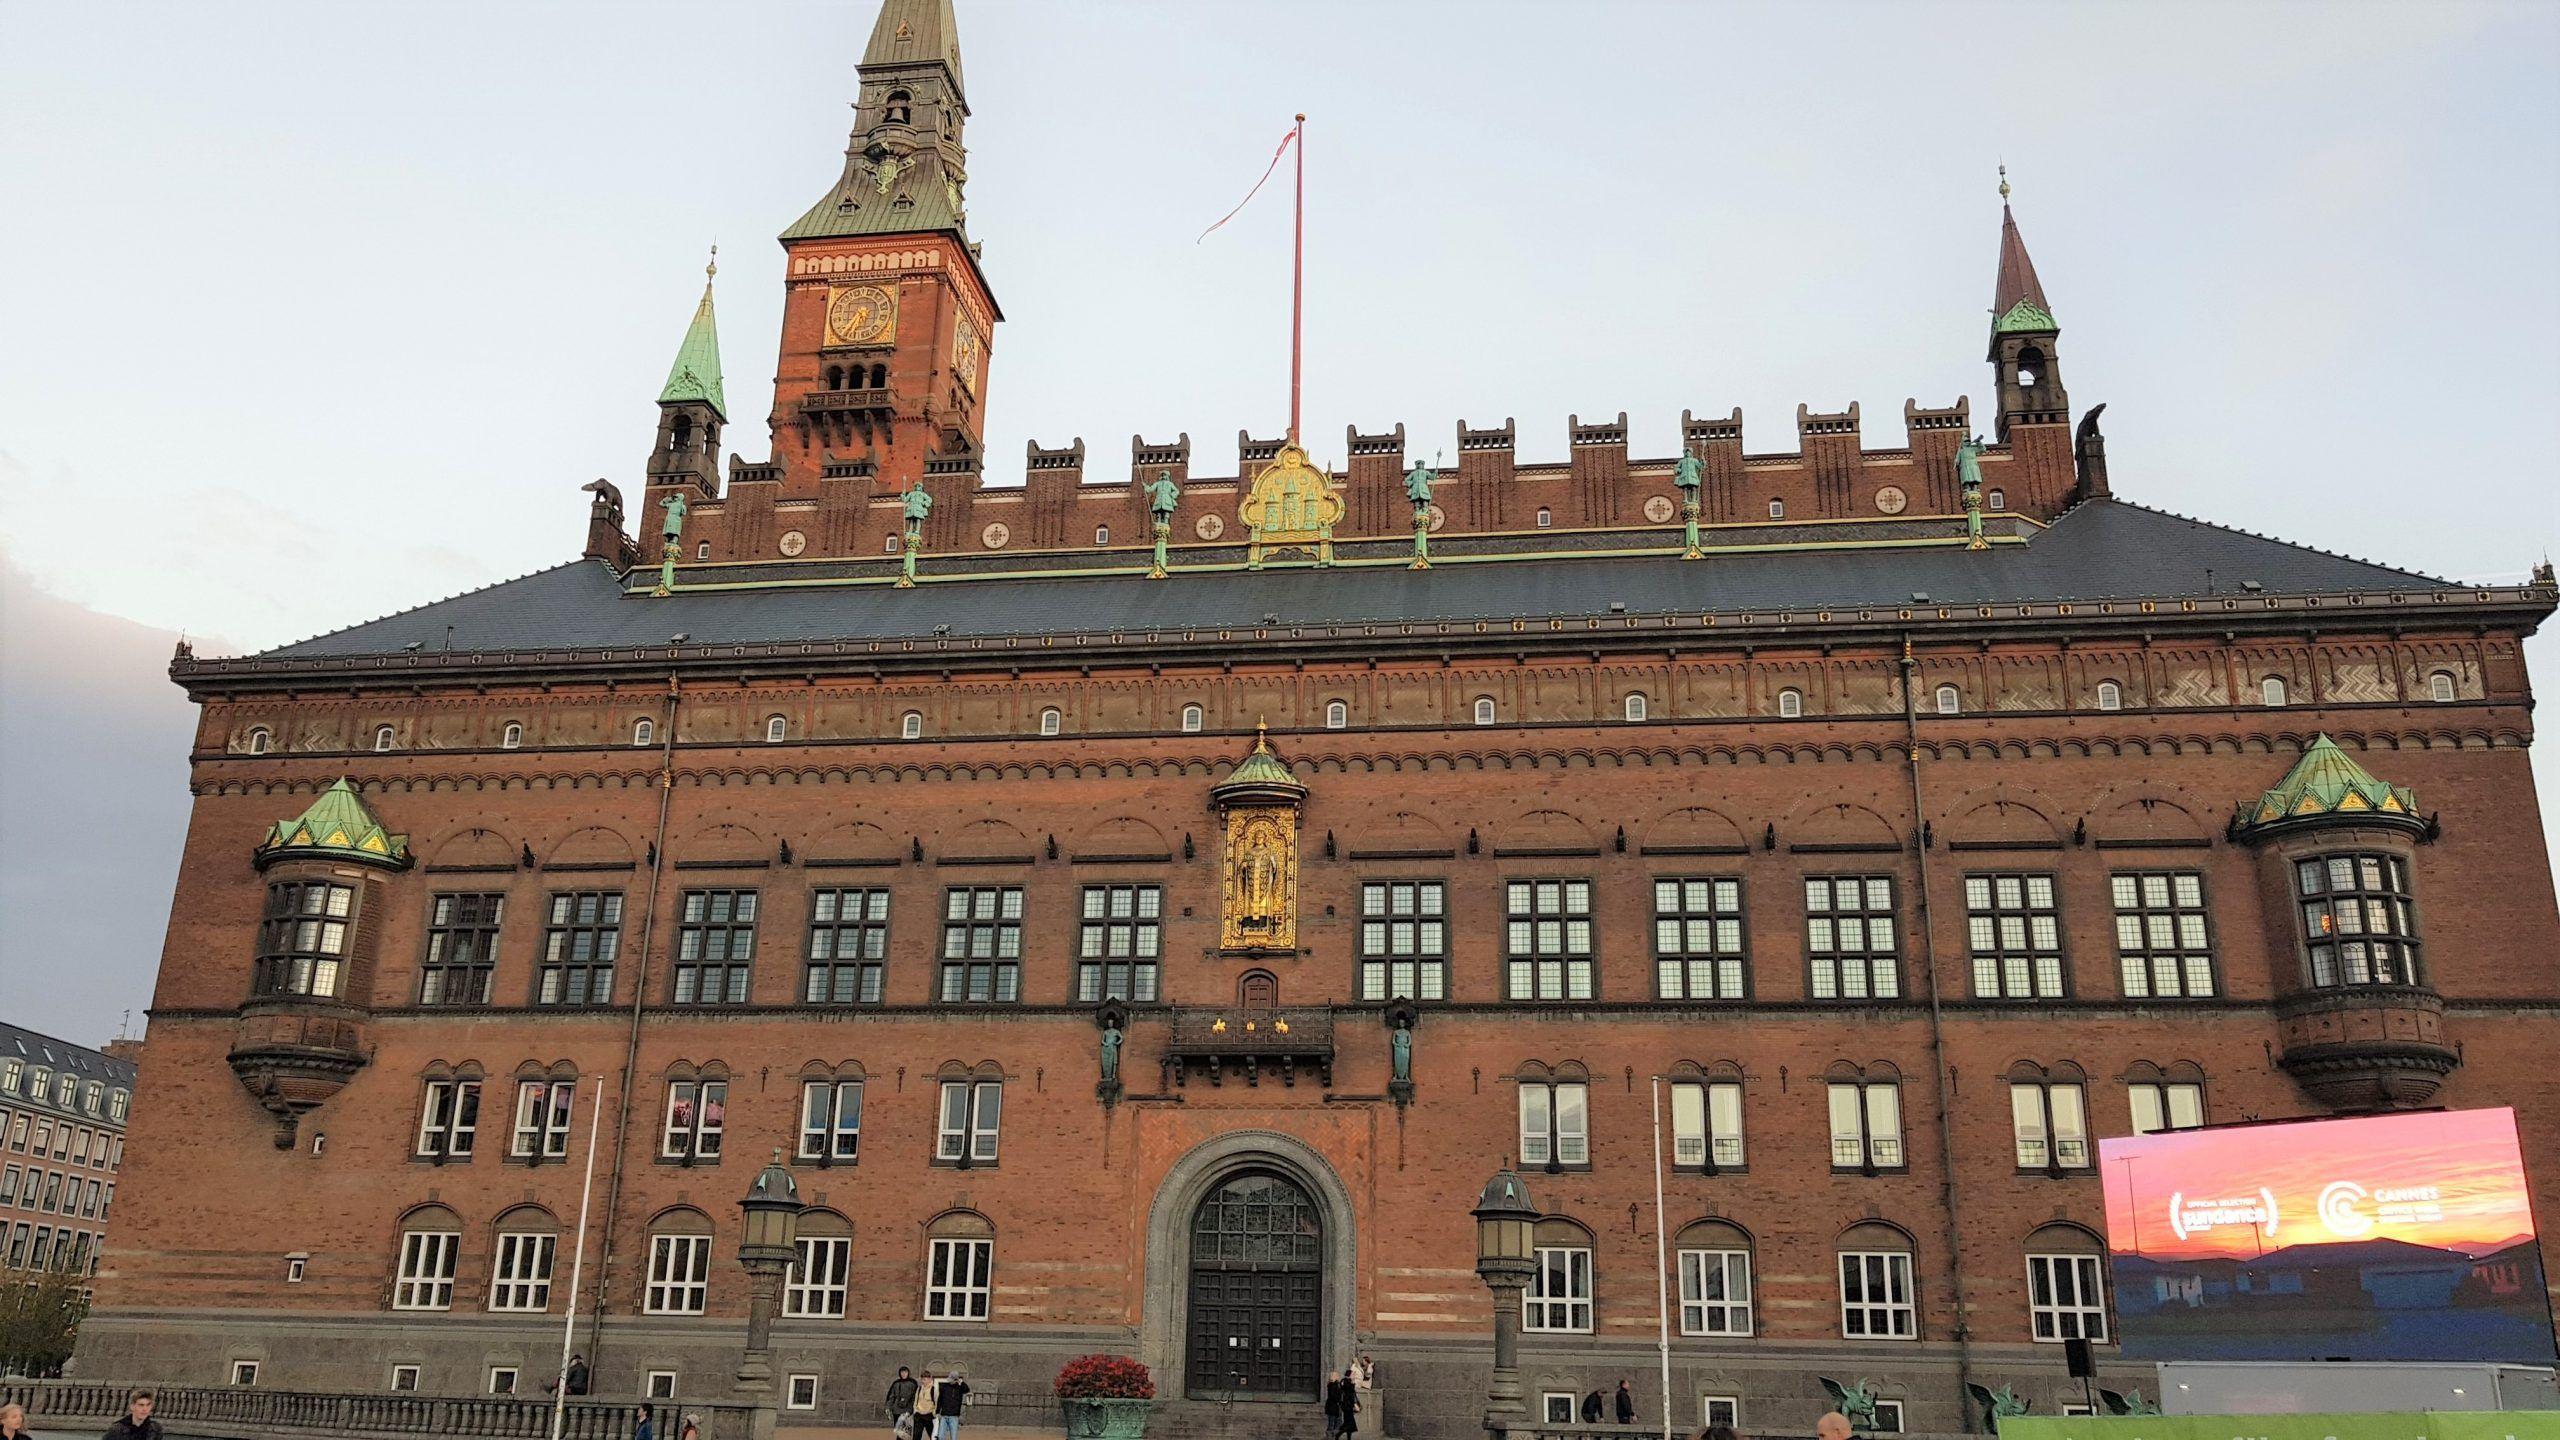 Fachada del City Hall de Copenhague en la plaza Rådhuspladsen.